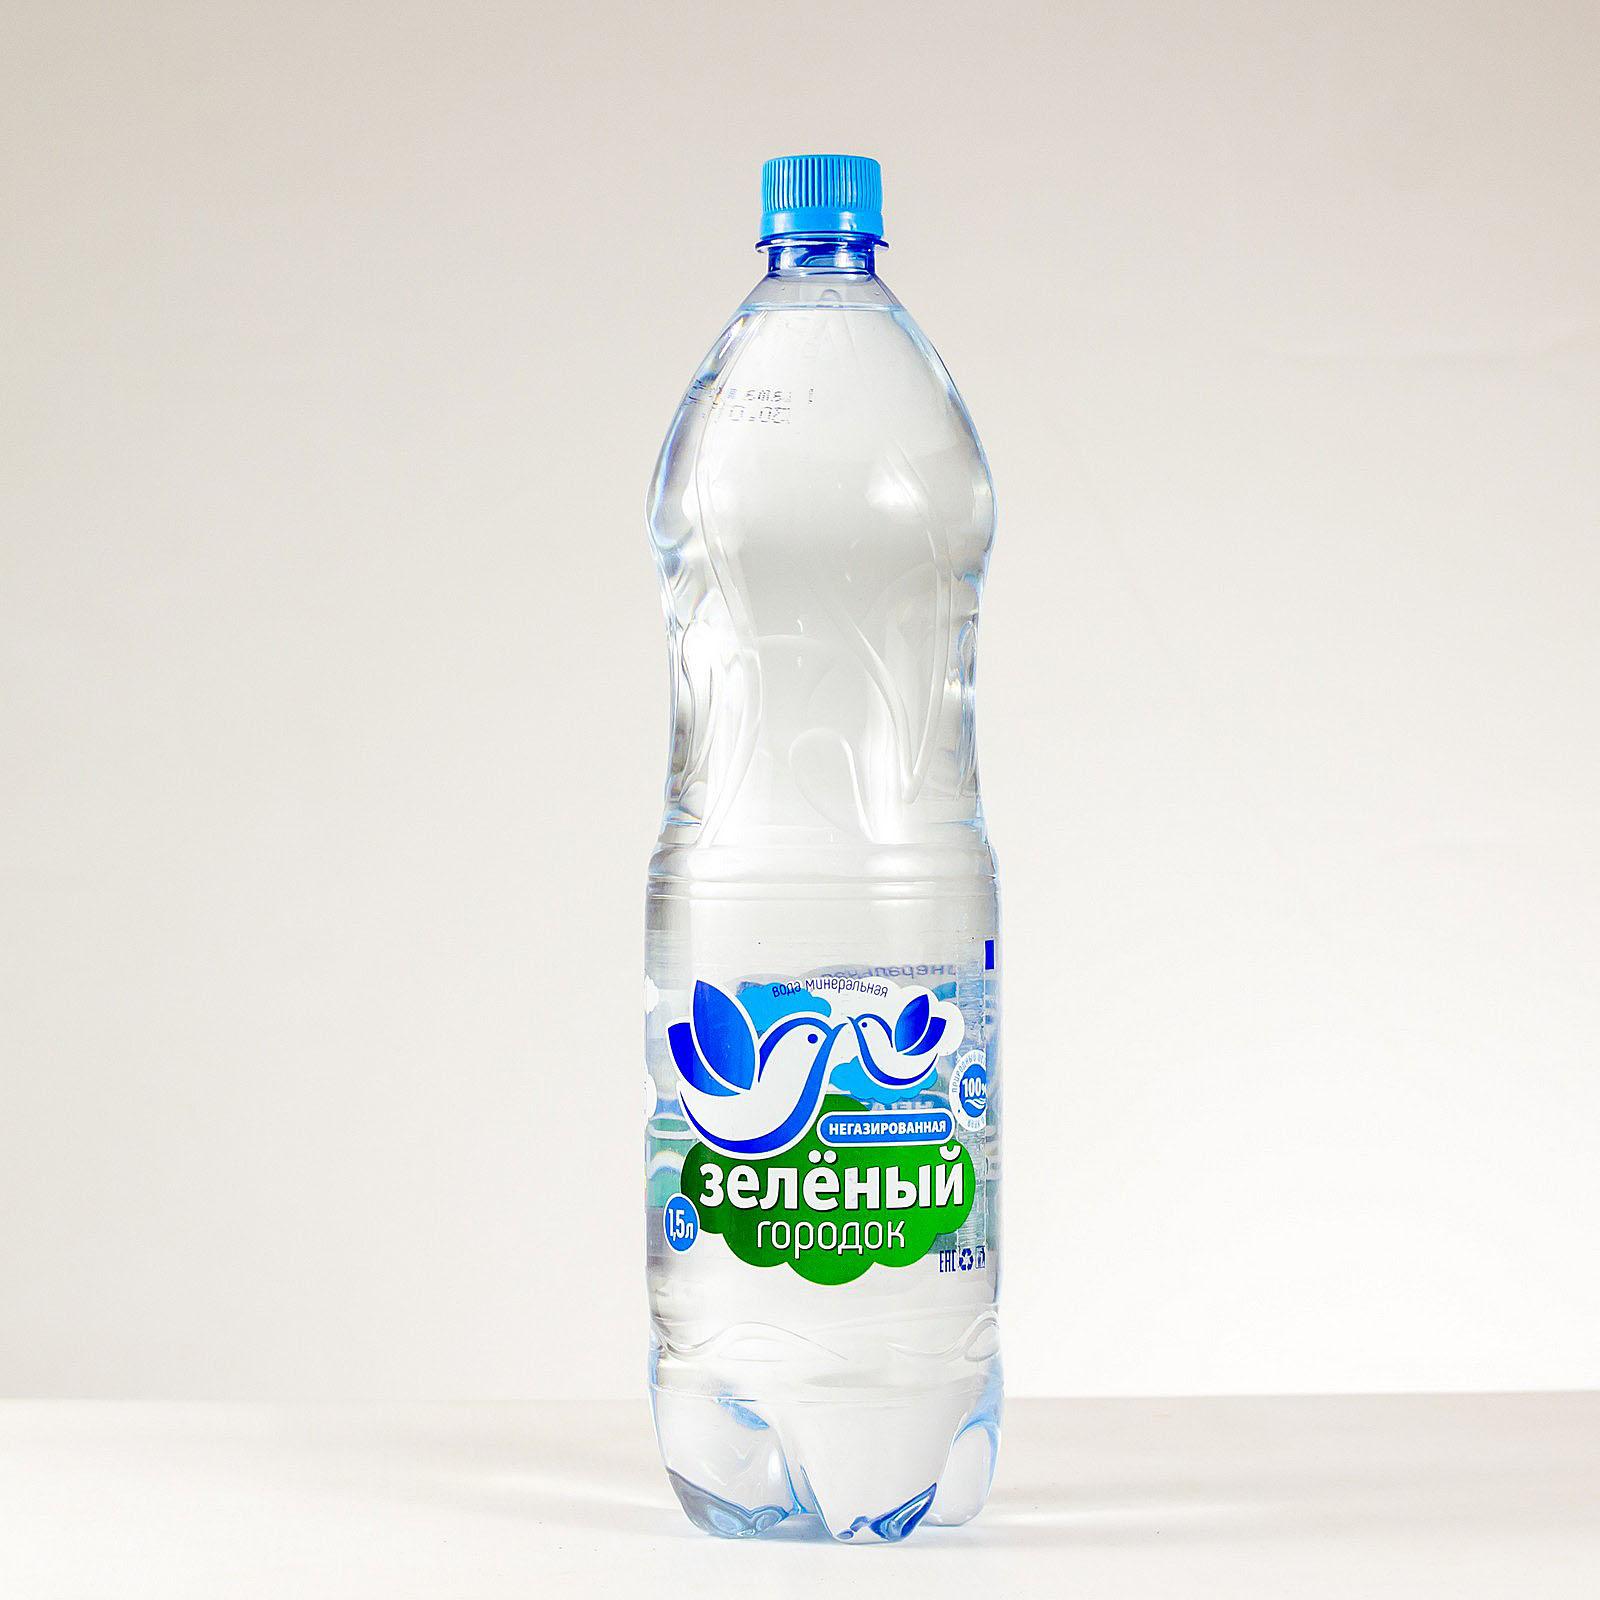 Вода питьевая Зеленый городок негазированная